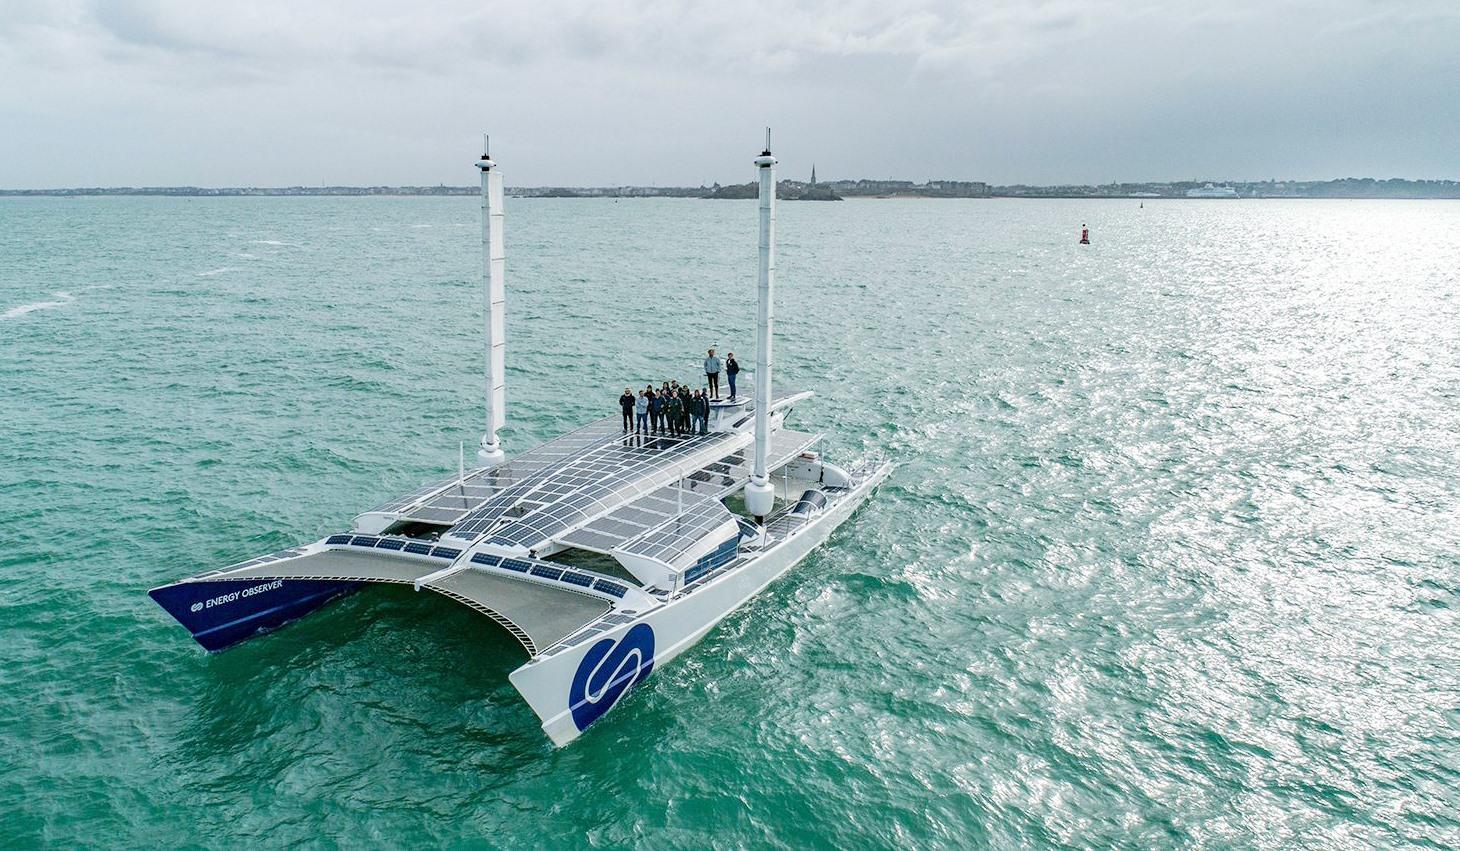 Con tàu Energy Observer chạy bằng năng lượng hydro đầu tiên trên thế giới. Ảnh: boatinternational